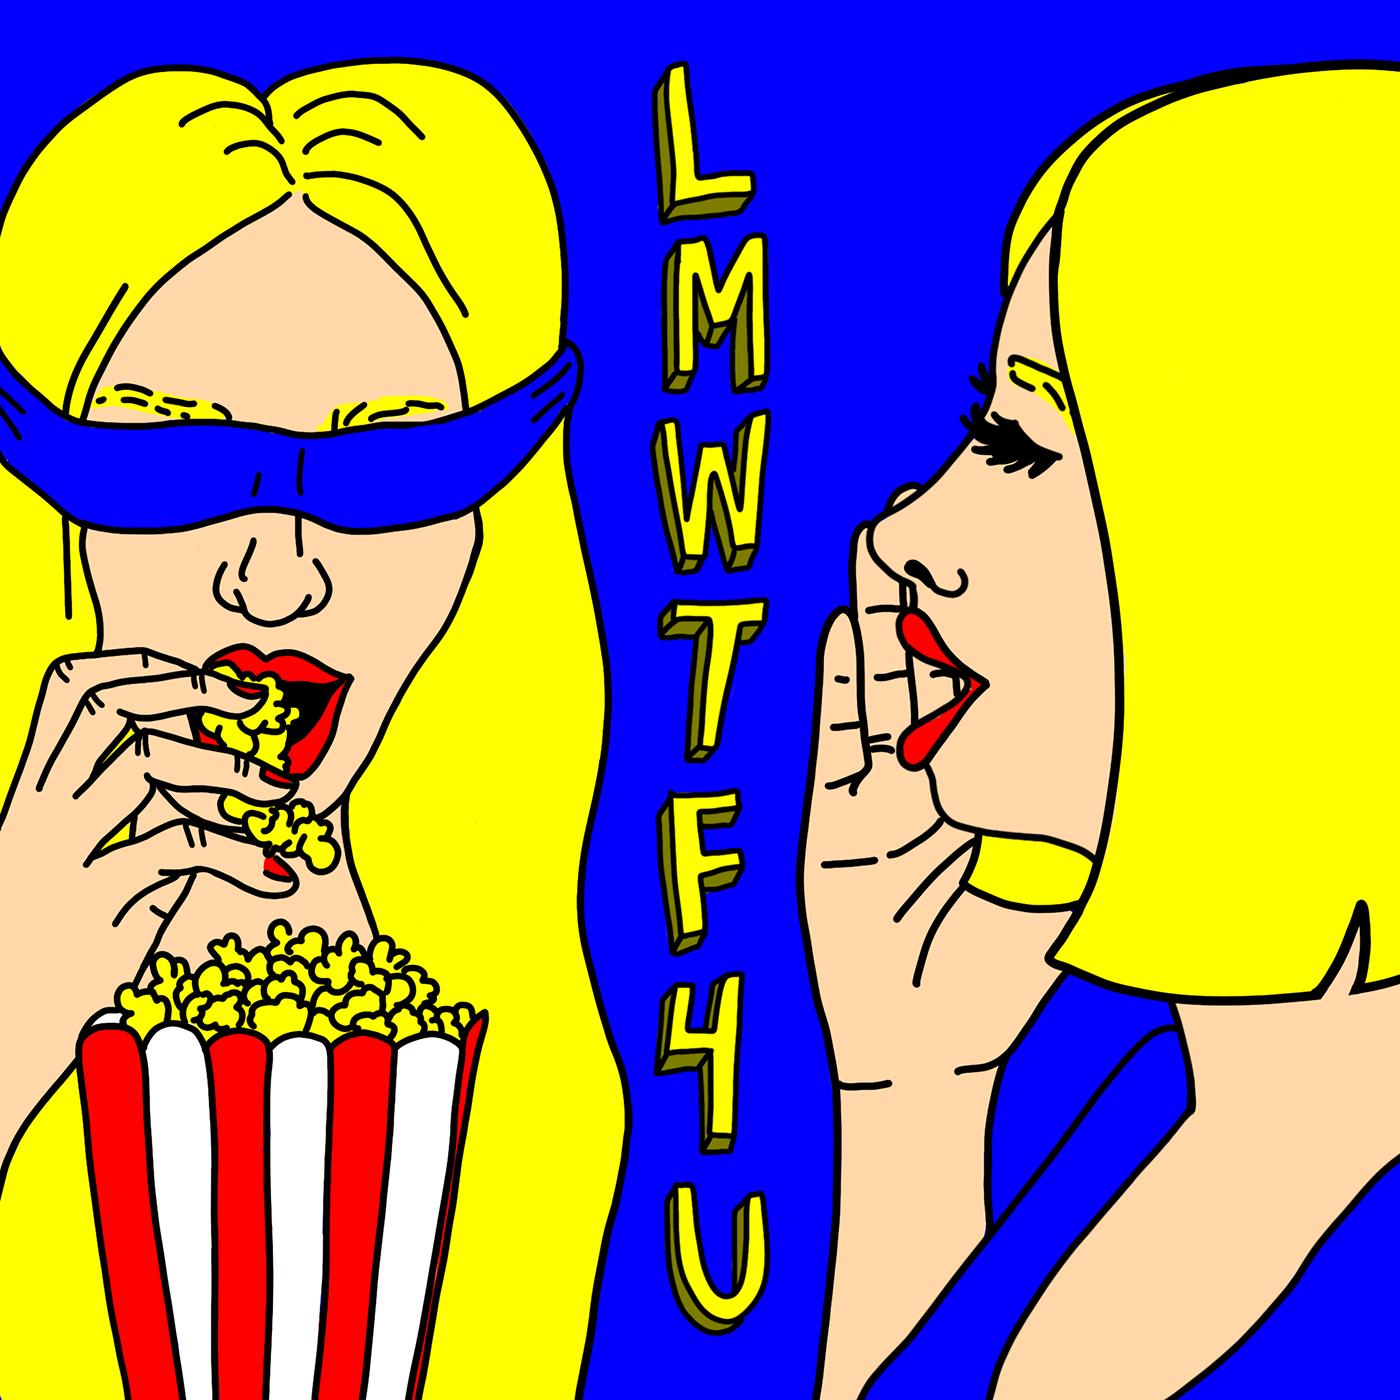 LMWTF4U